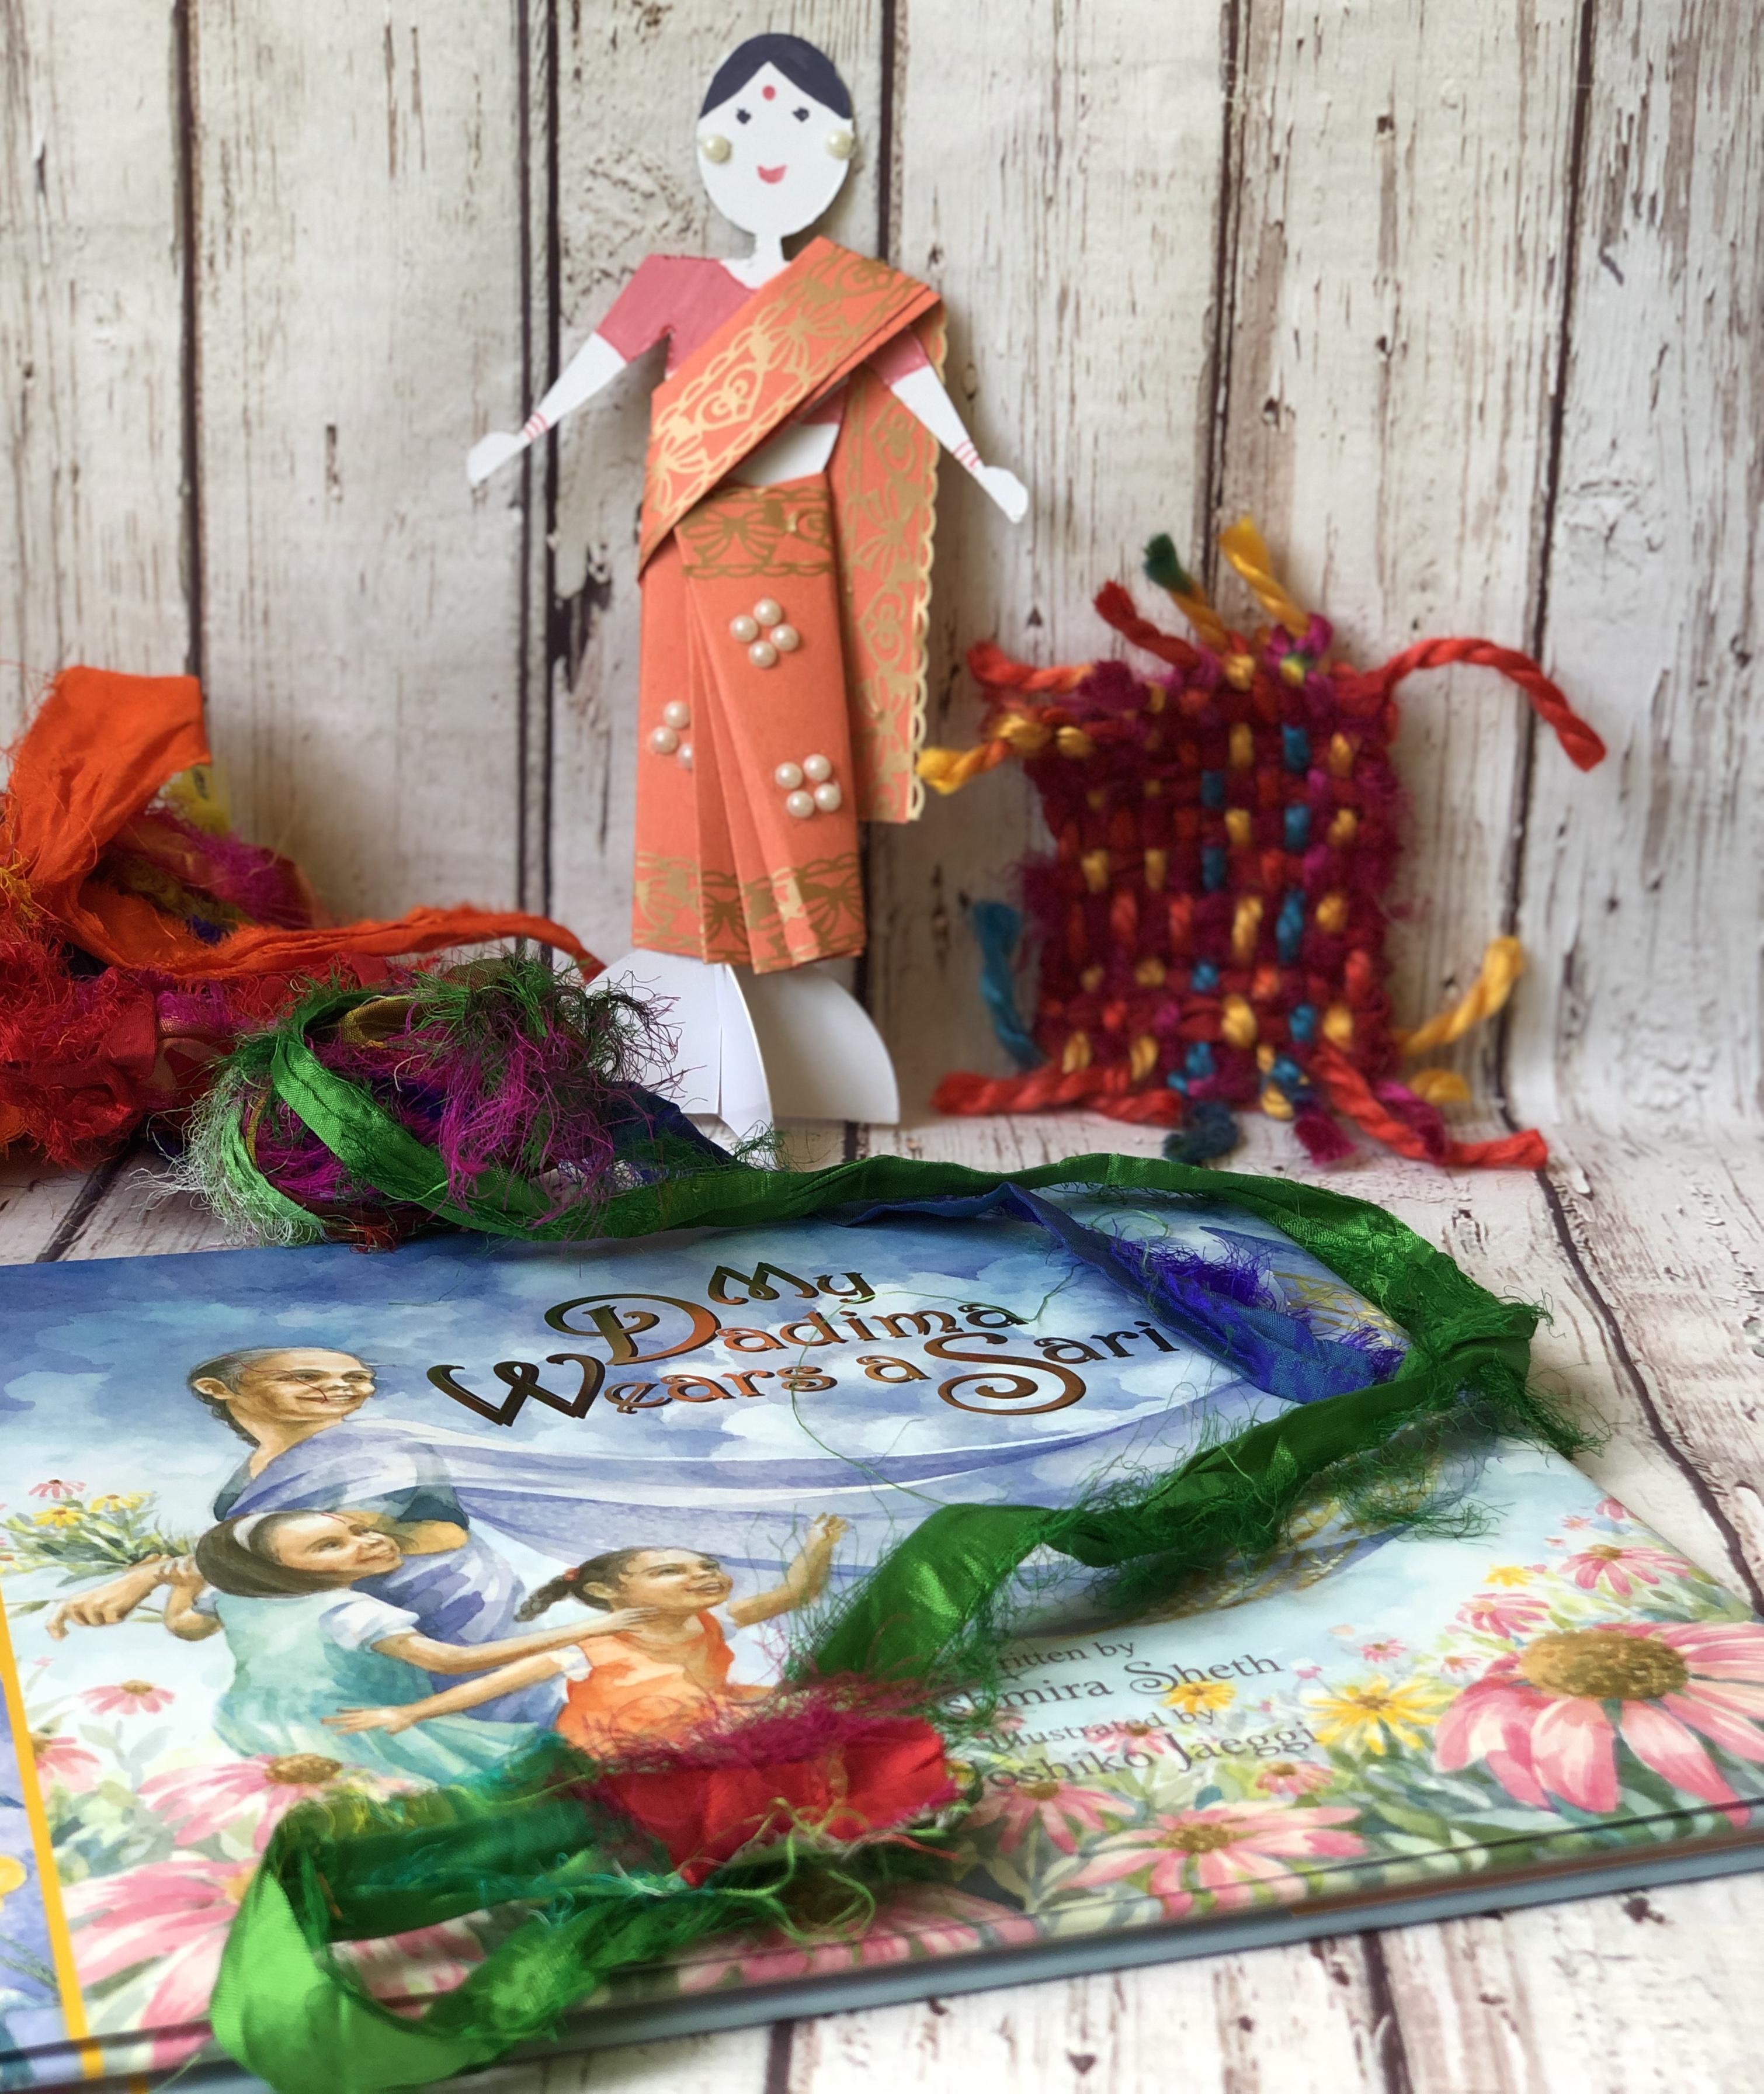 Paper Doll In a Sari